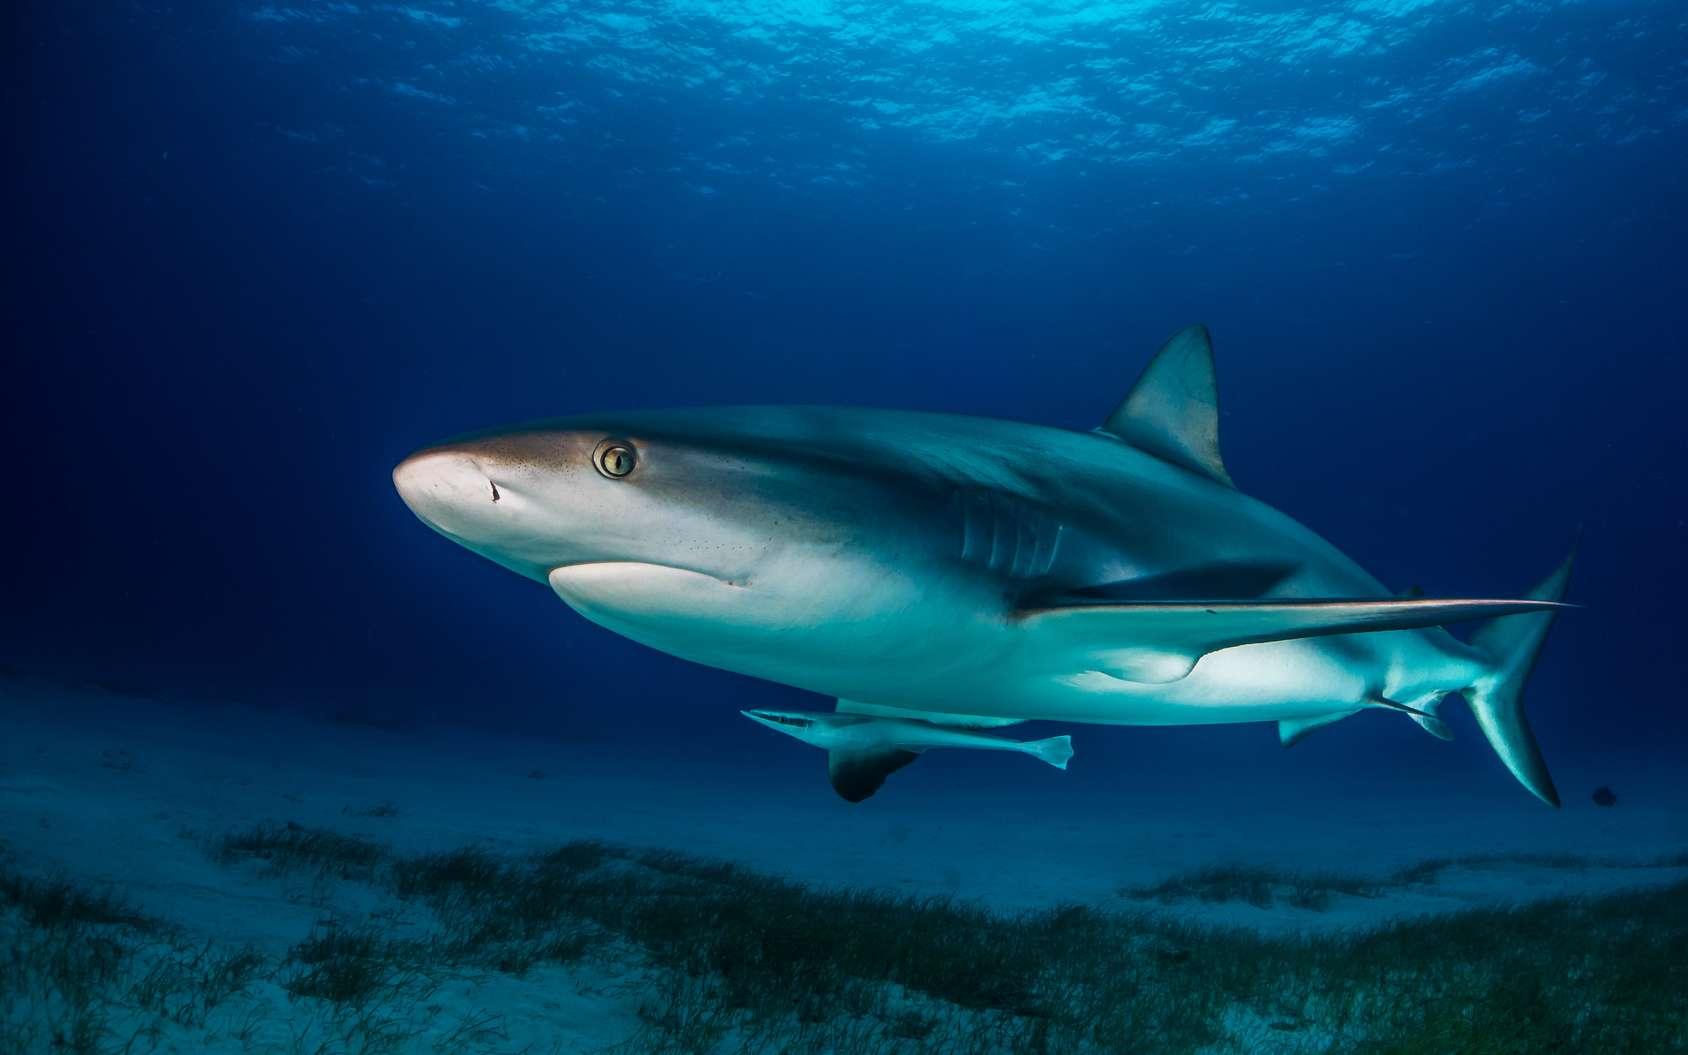 Le requin tigre, un redoutable prédateur y compris pour les oiseux terrestres. © hakbak, Fotolia